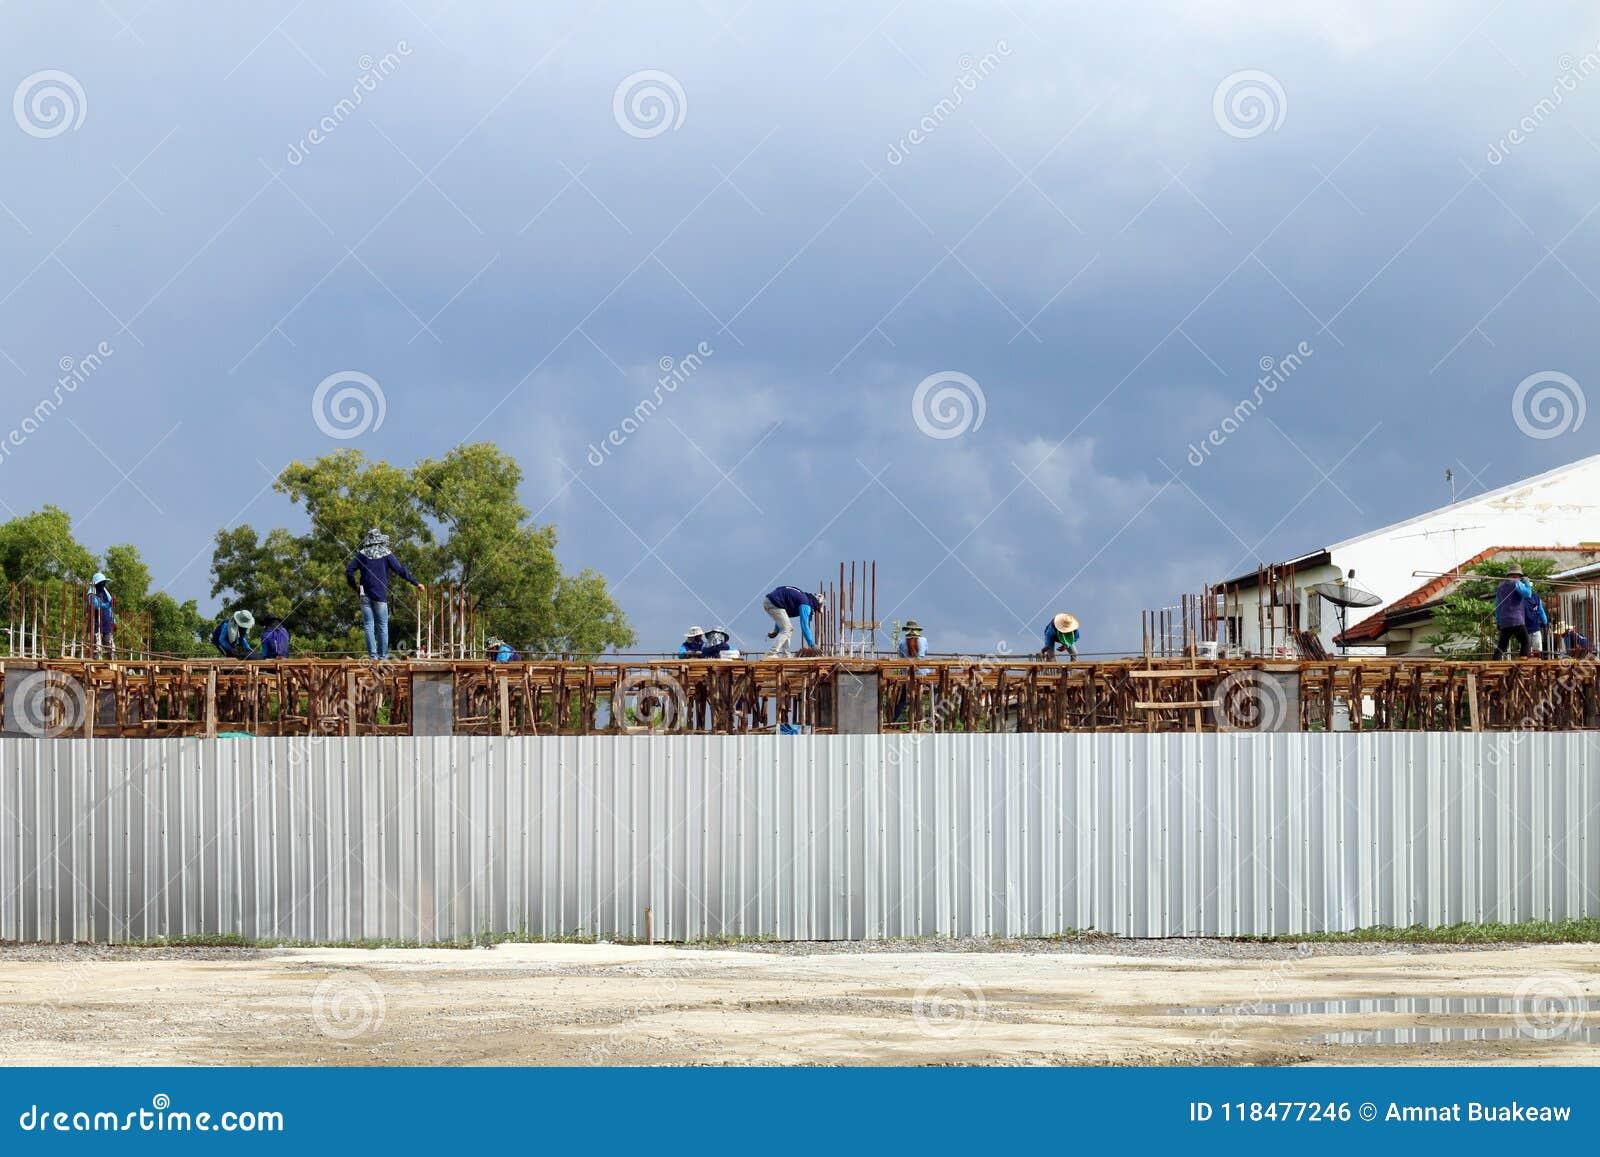 Budowa teren, ludzie pracuje przy budowa terenem, miejsce pracowników budowa, kamieniarza pracownika miejsce